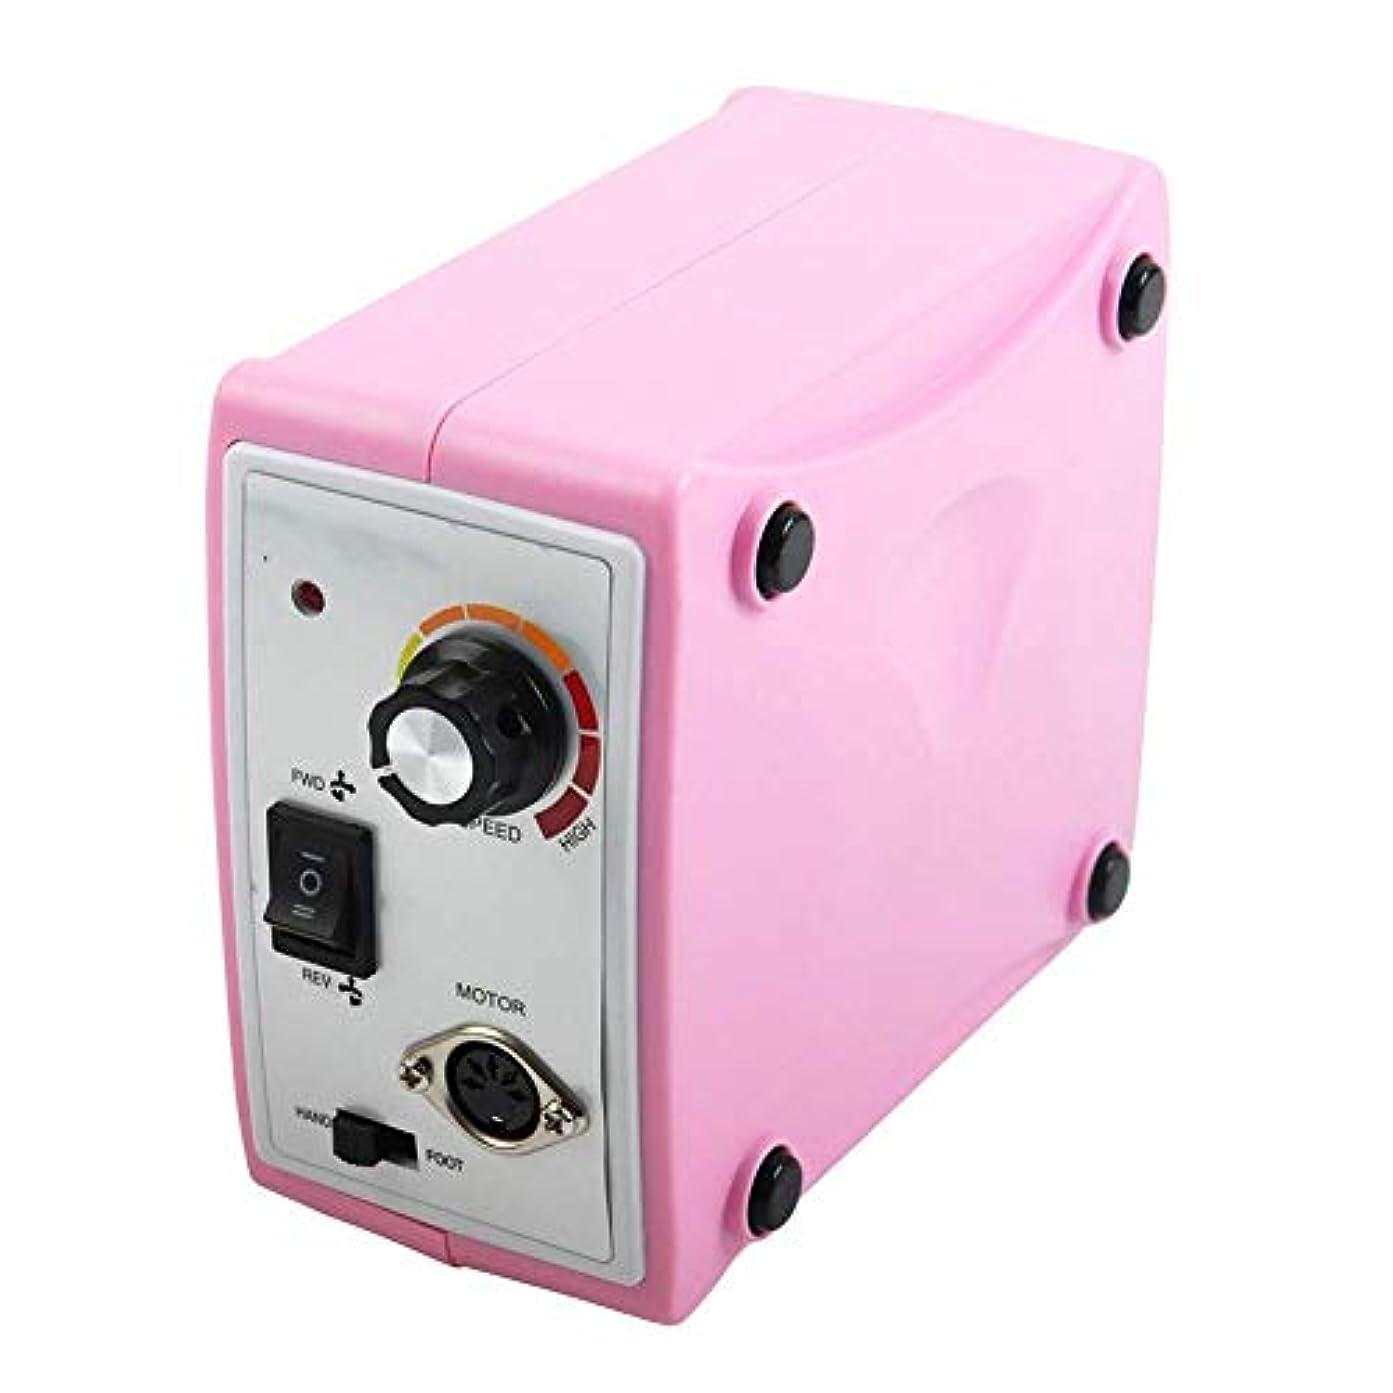 服を着る身元安価な30,000 rpmマシンネイル電気ネイルドリルコードレスアクリルネイルドリル機マニキュアペディキュアアートパウダーポリッシャージェルネイルグラインダーツール、ピンク,ピンク